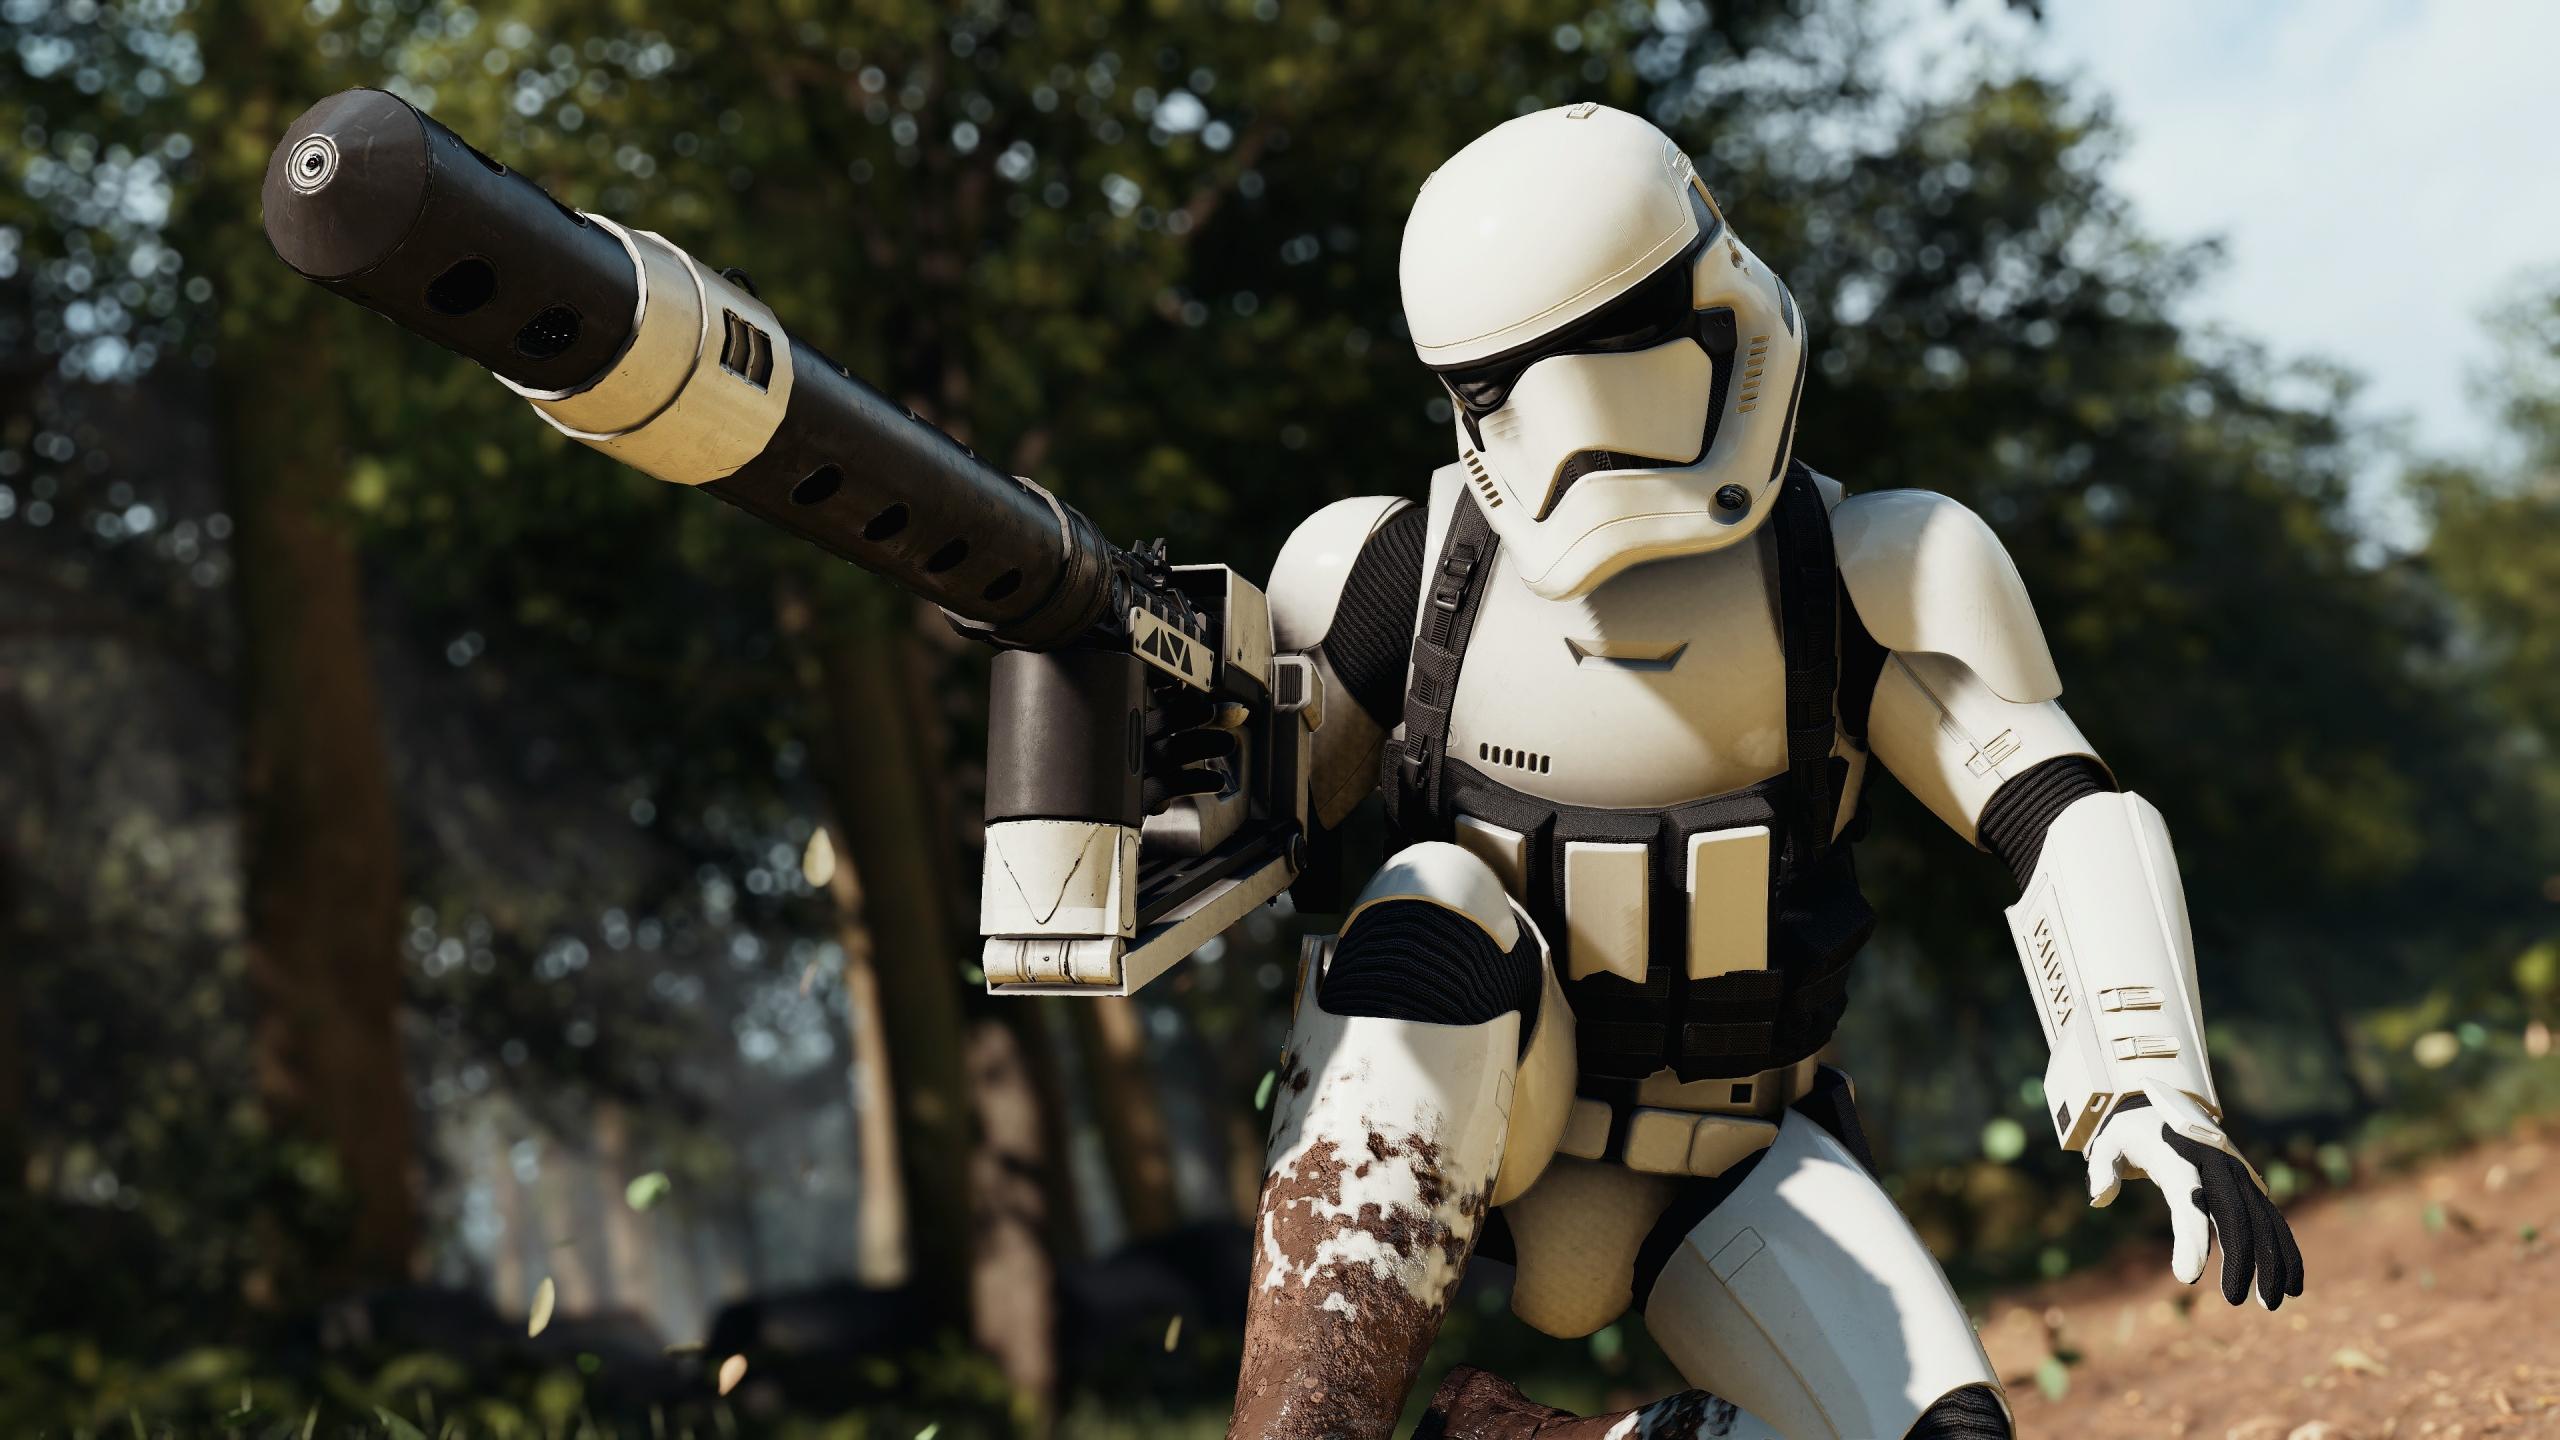 Desktop Wallpaper Star Wars Battlefront Ii Video Game Stormtrooper Game 4k Hd Image Picture Background 09caf5